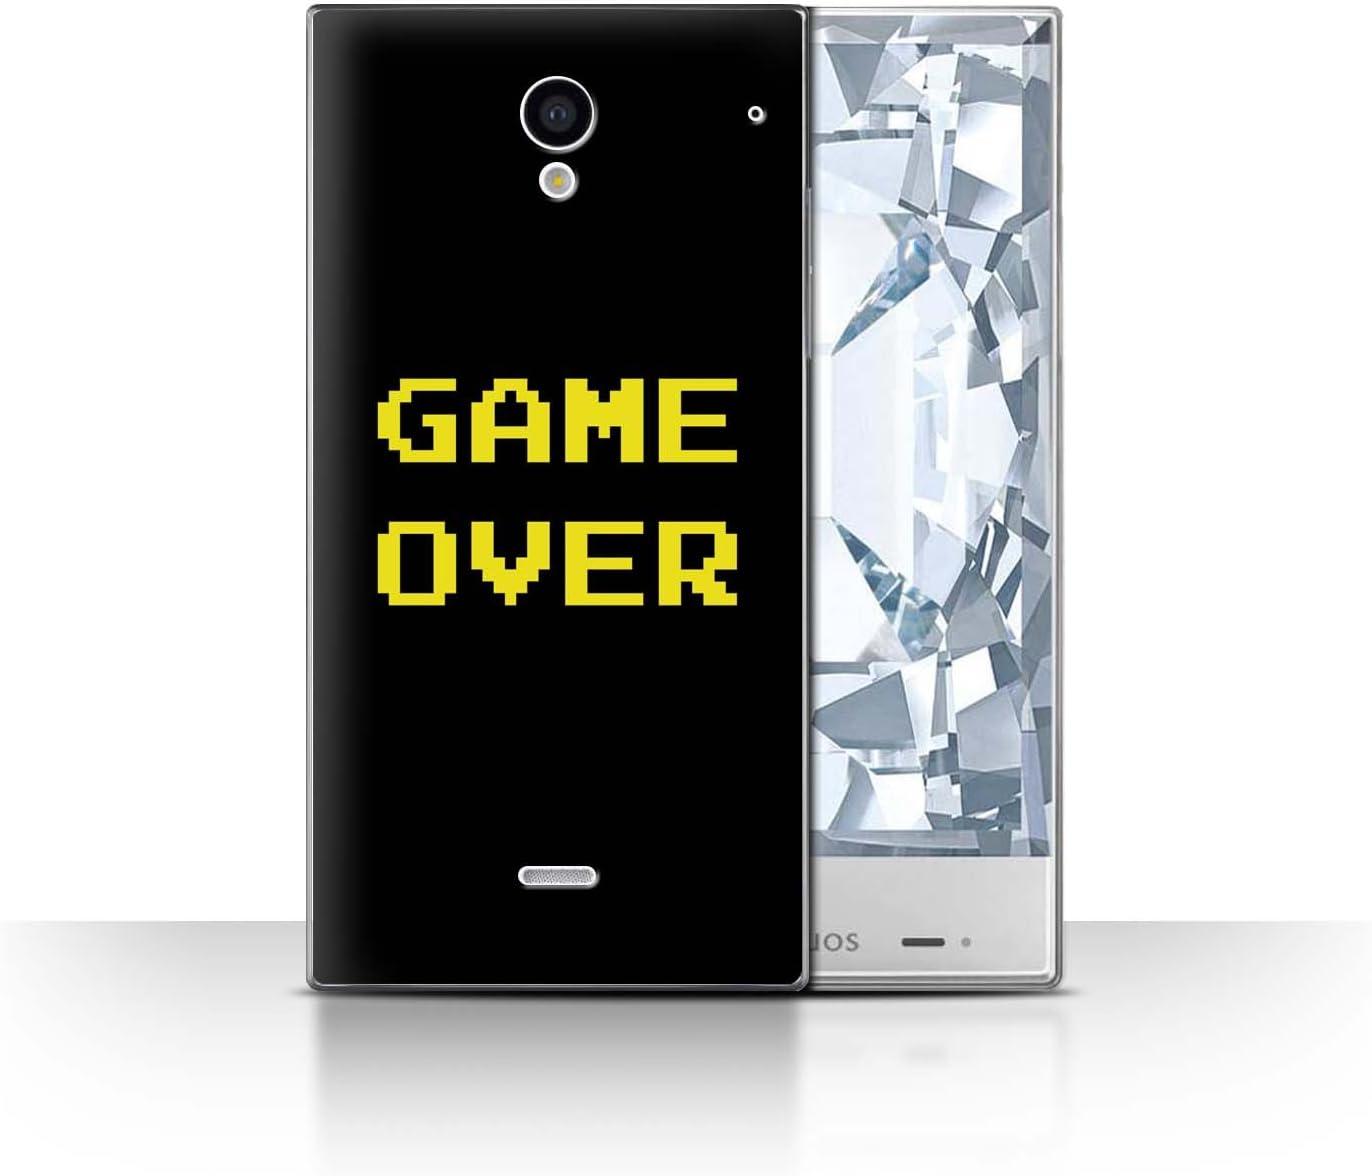 Stuff4® ® Phone Case/Cover/Skin/SP de CC/Retro Arcade Games Collection Game Over Sharp Aquos Crystal/306SH: Amazon.es: Informática